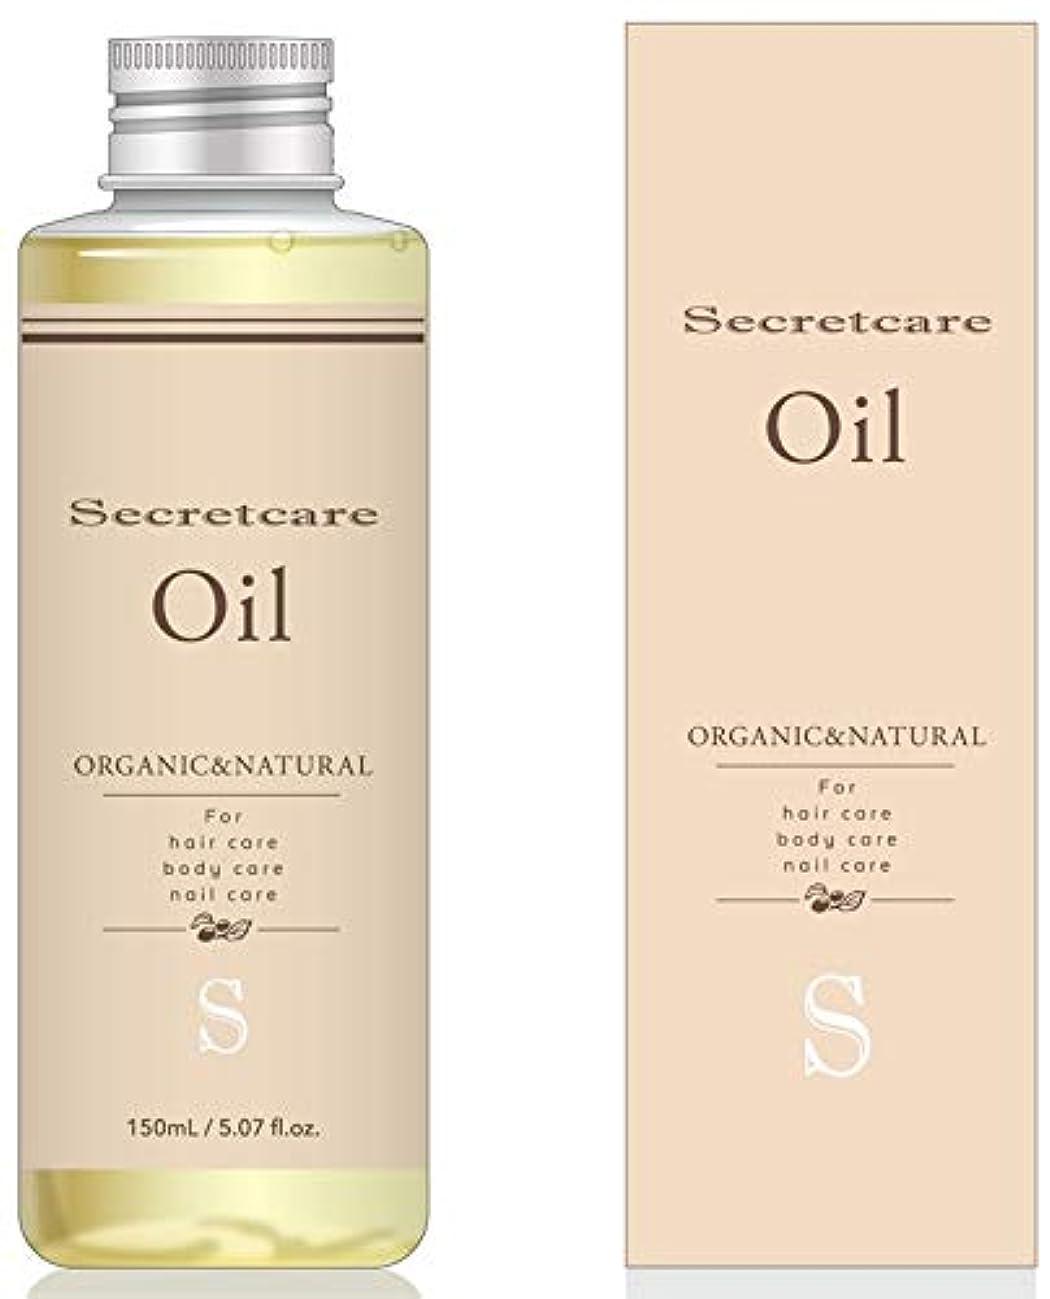 オープナー印象的な塩辛いSecret care oil シークレットケアオイル S 150ml アロマティックガーデンの香り